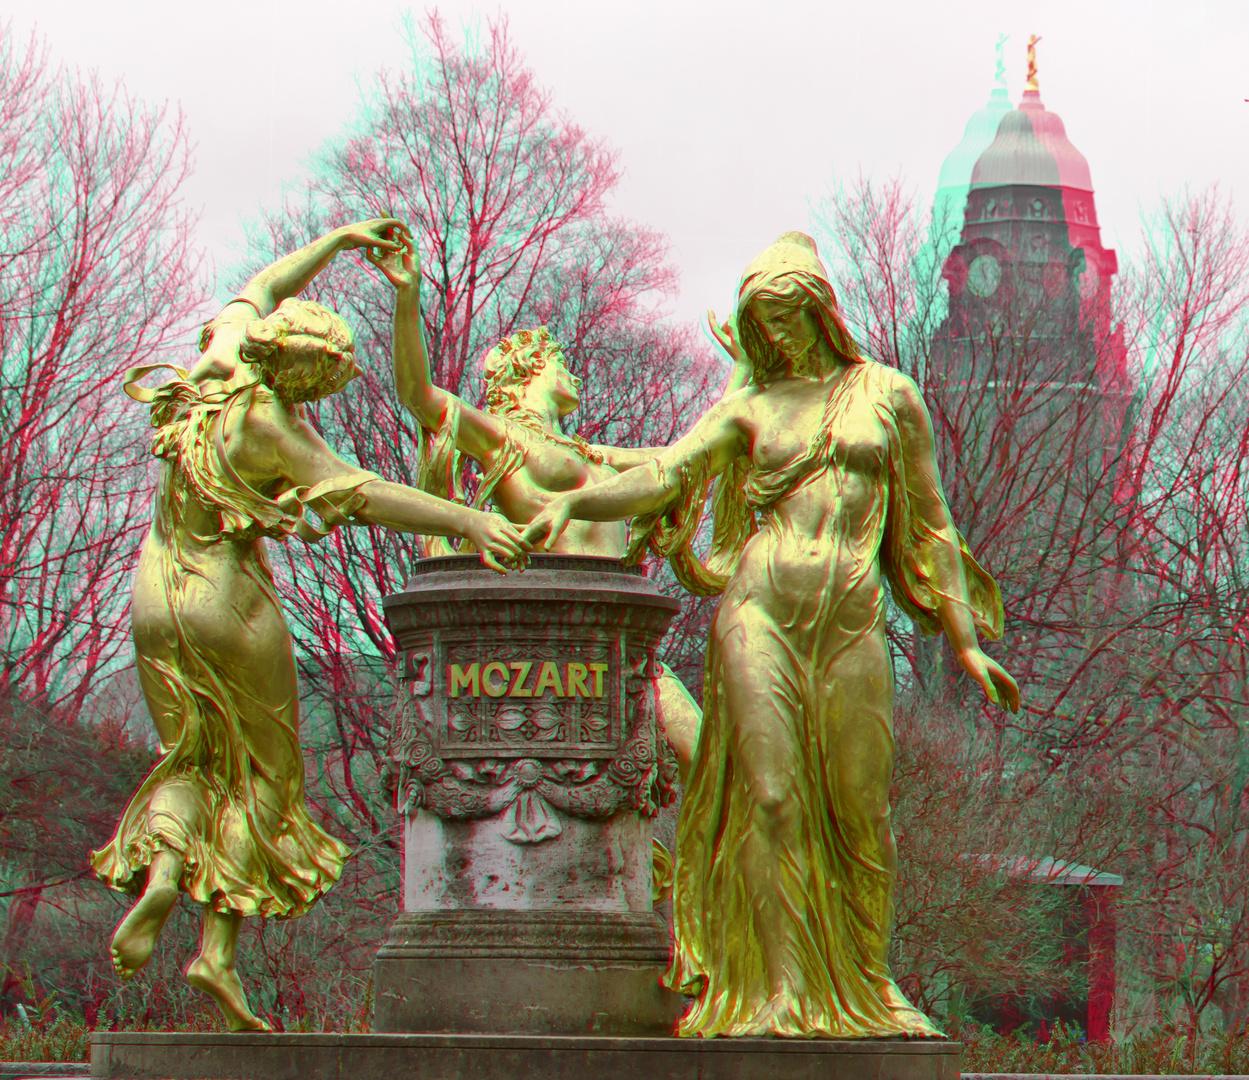 Mozartbrunnen auf der Bürgerwiese in Dresden